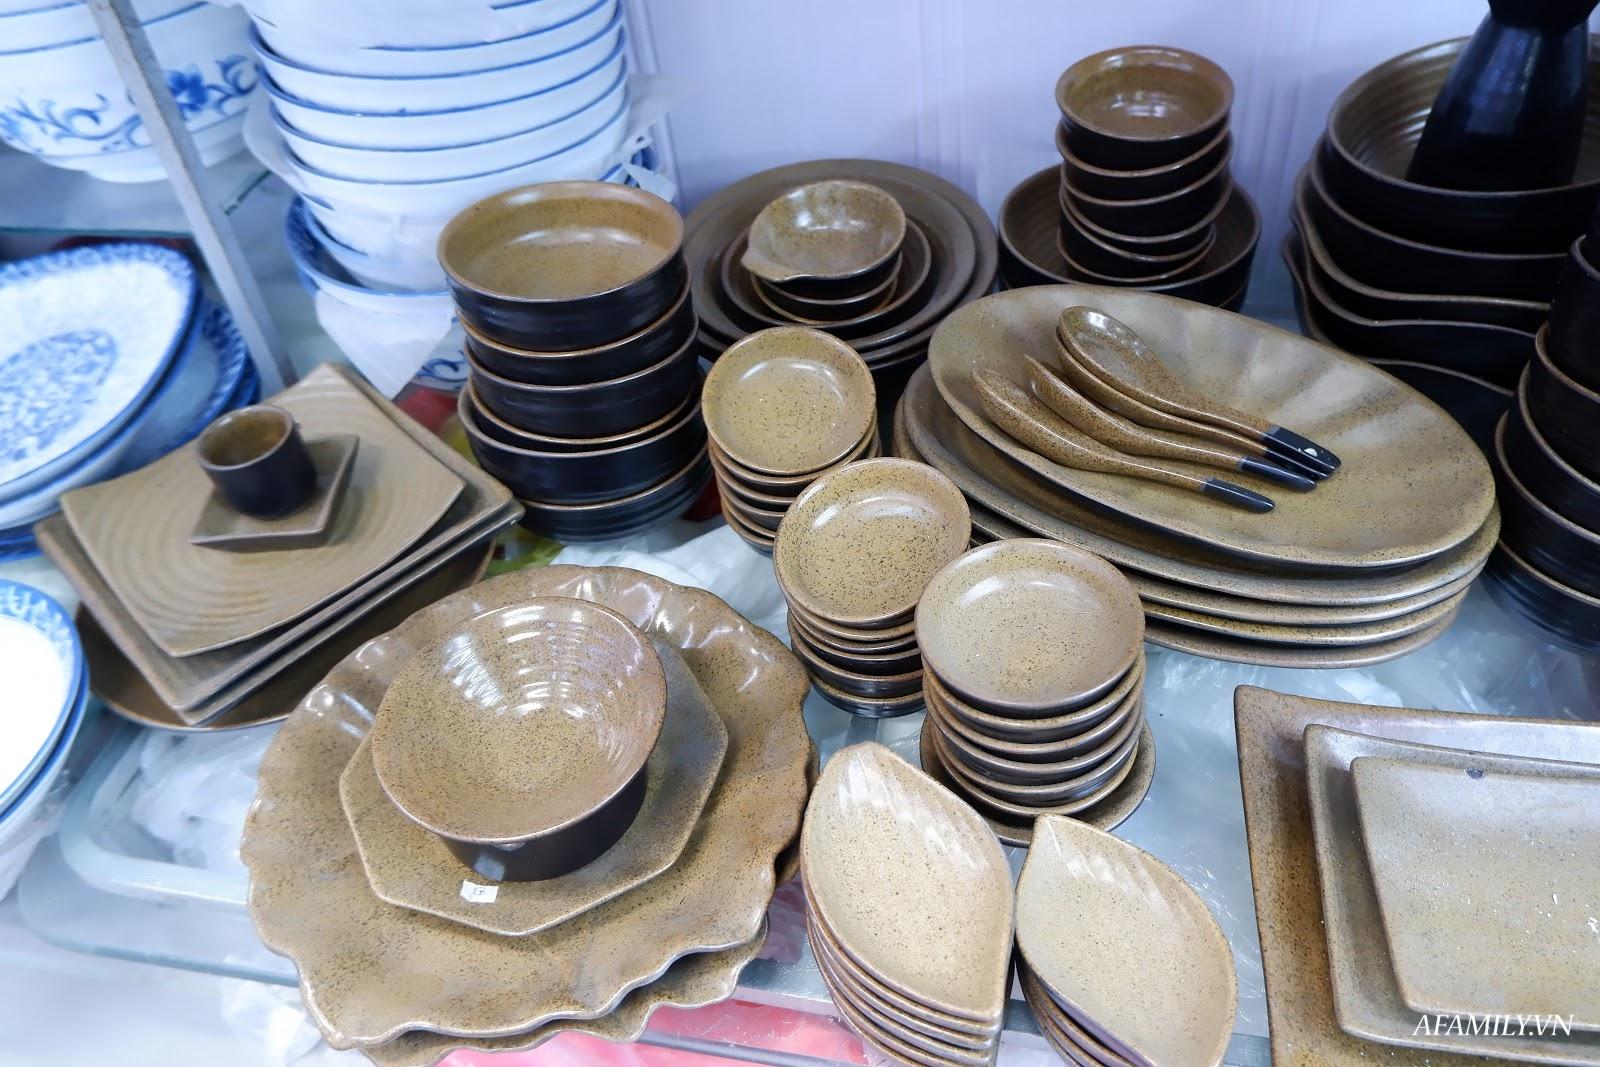 Kinh nghiệm chọn mua đồ gốm sứ Bát Tràng để mười mẫu thì an toàn và chất lượng cả mười - Ảnh 5.